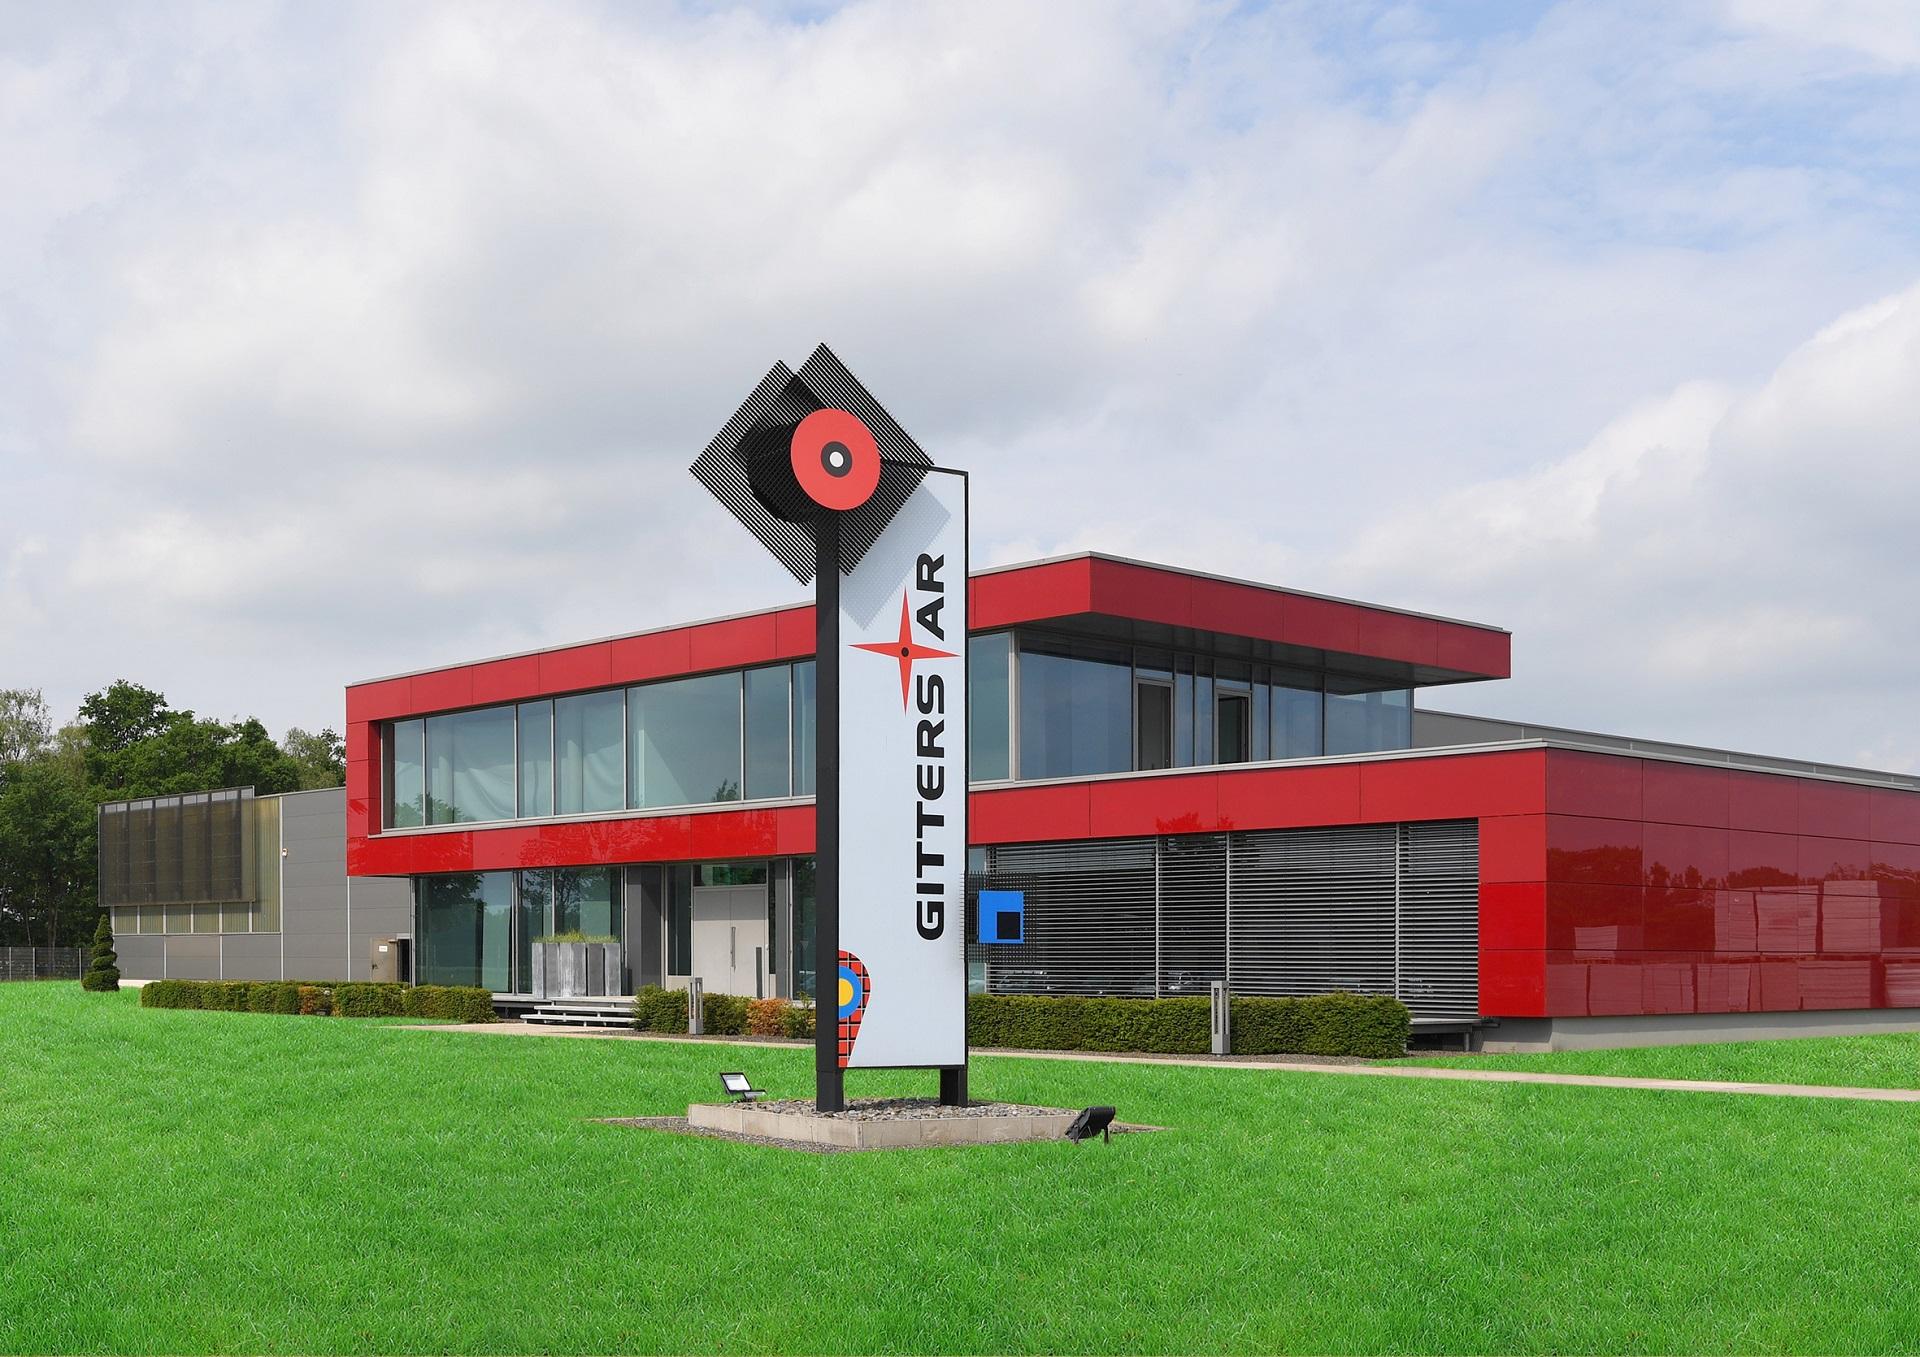 Gitterstar GmbH & Co. KG